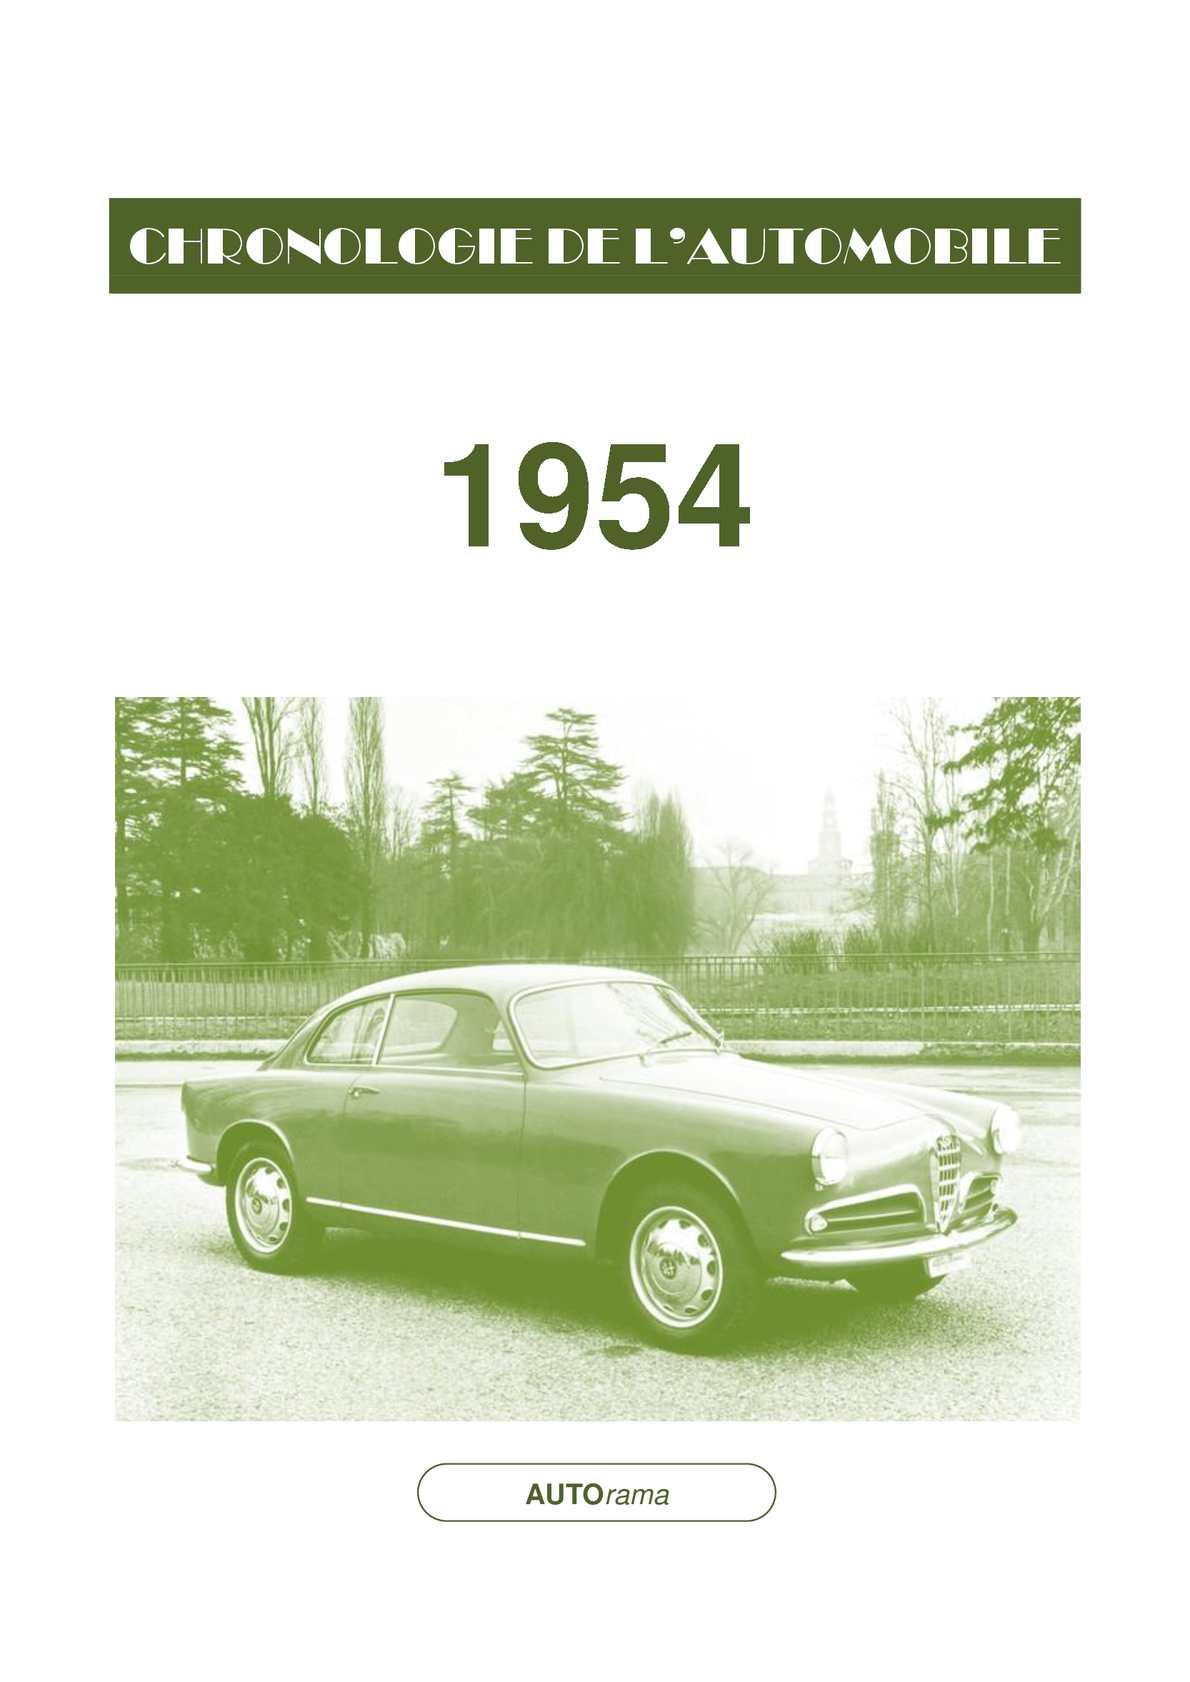 Chronologie de l'automobile - 1954